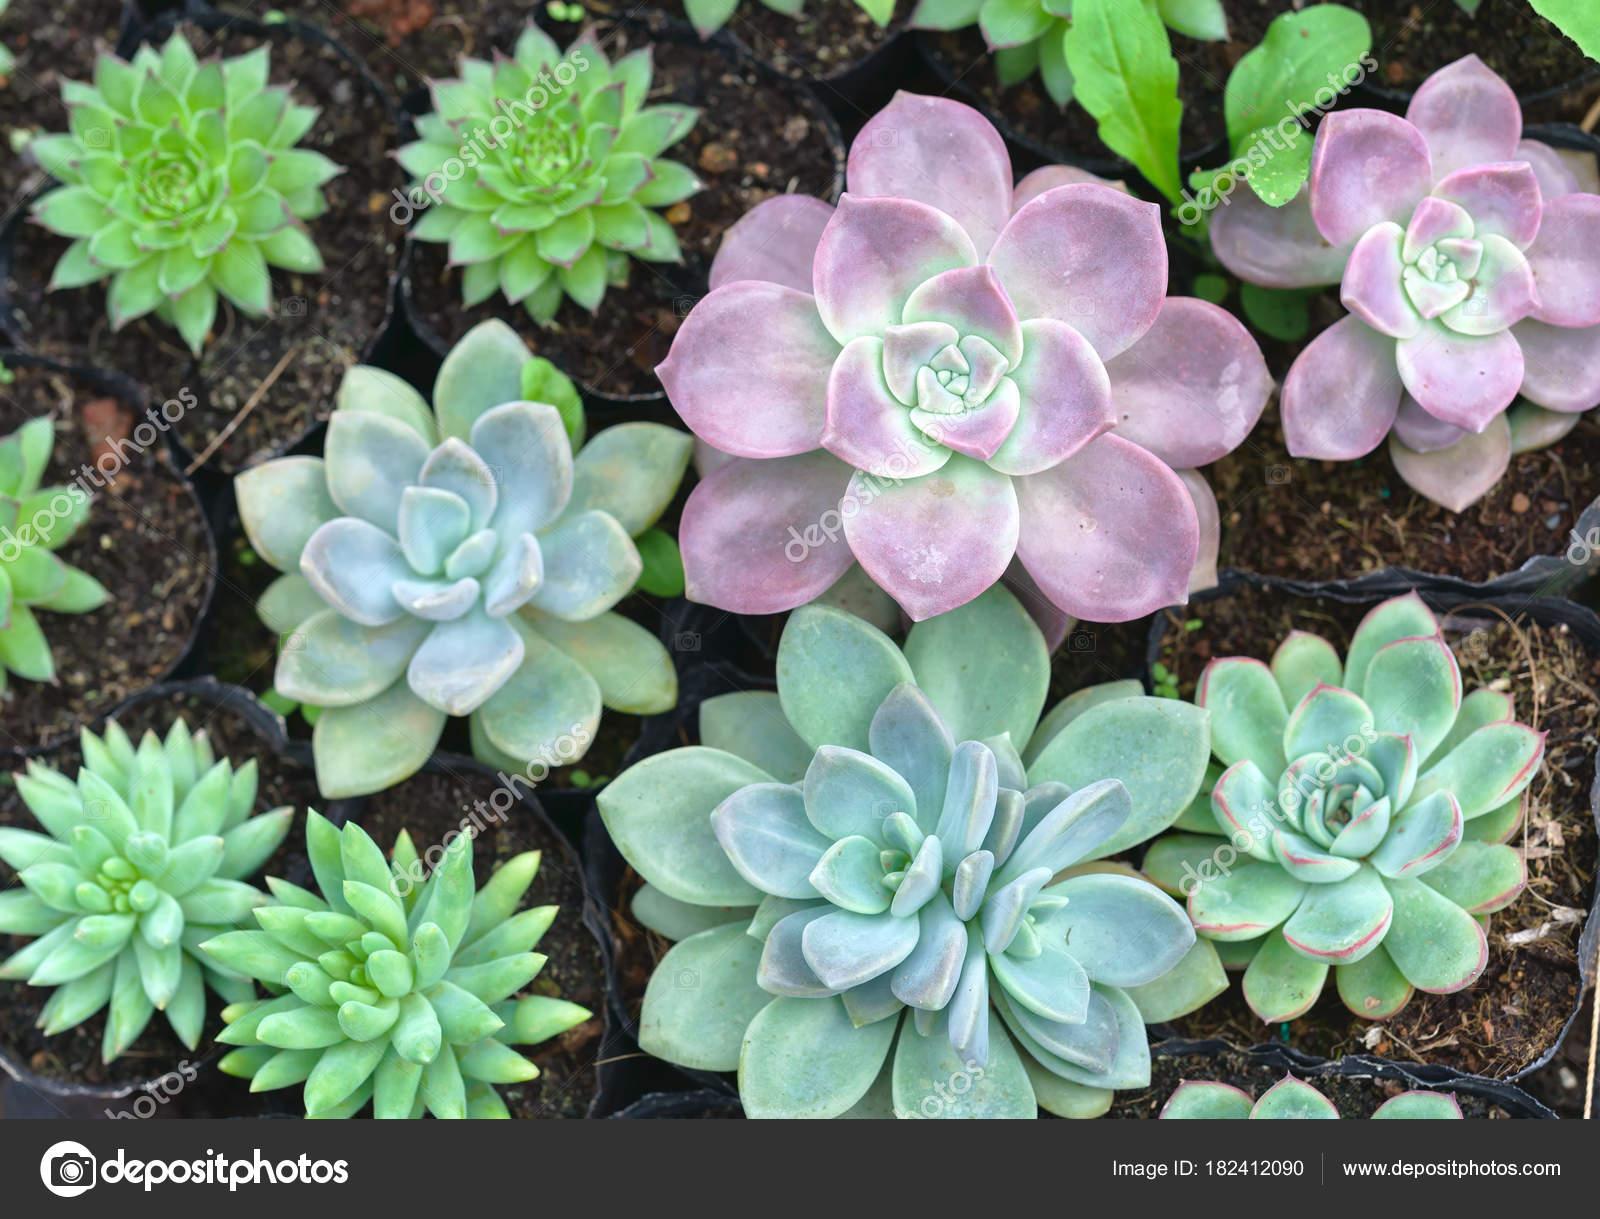 Rosa Flores Suculentas Plantas Jardin Trata Una Especie Familia - Plantas-de-jardin-con-flores